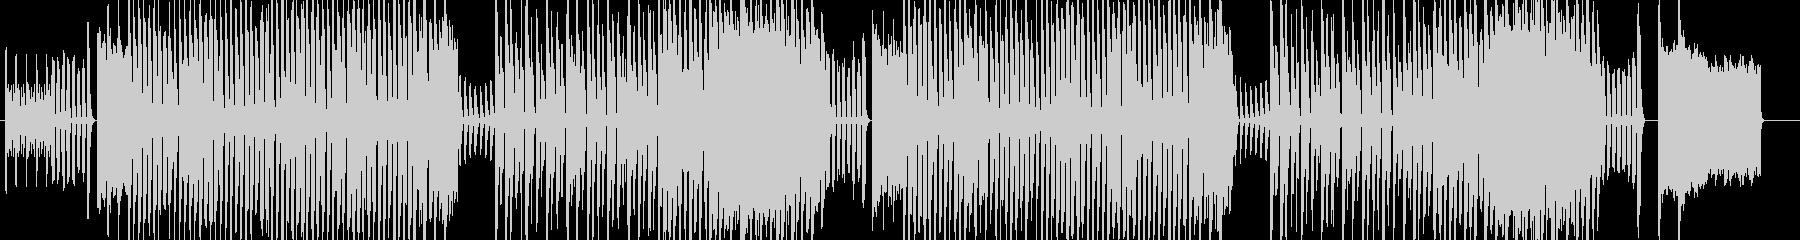 コミカルなテクノポップの未再生の波形